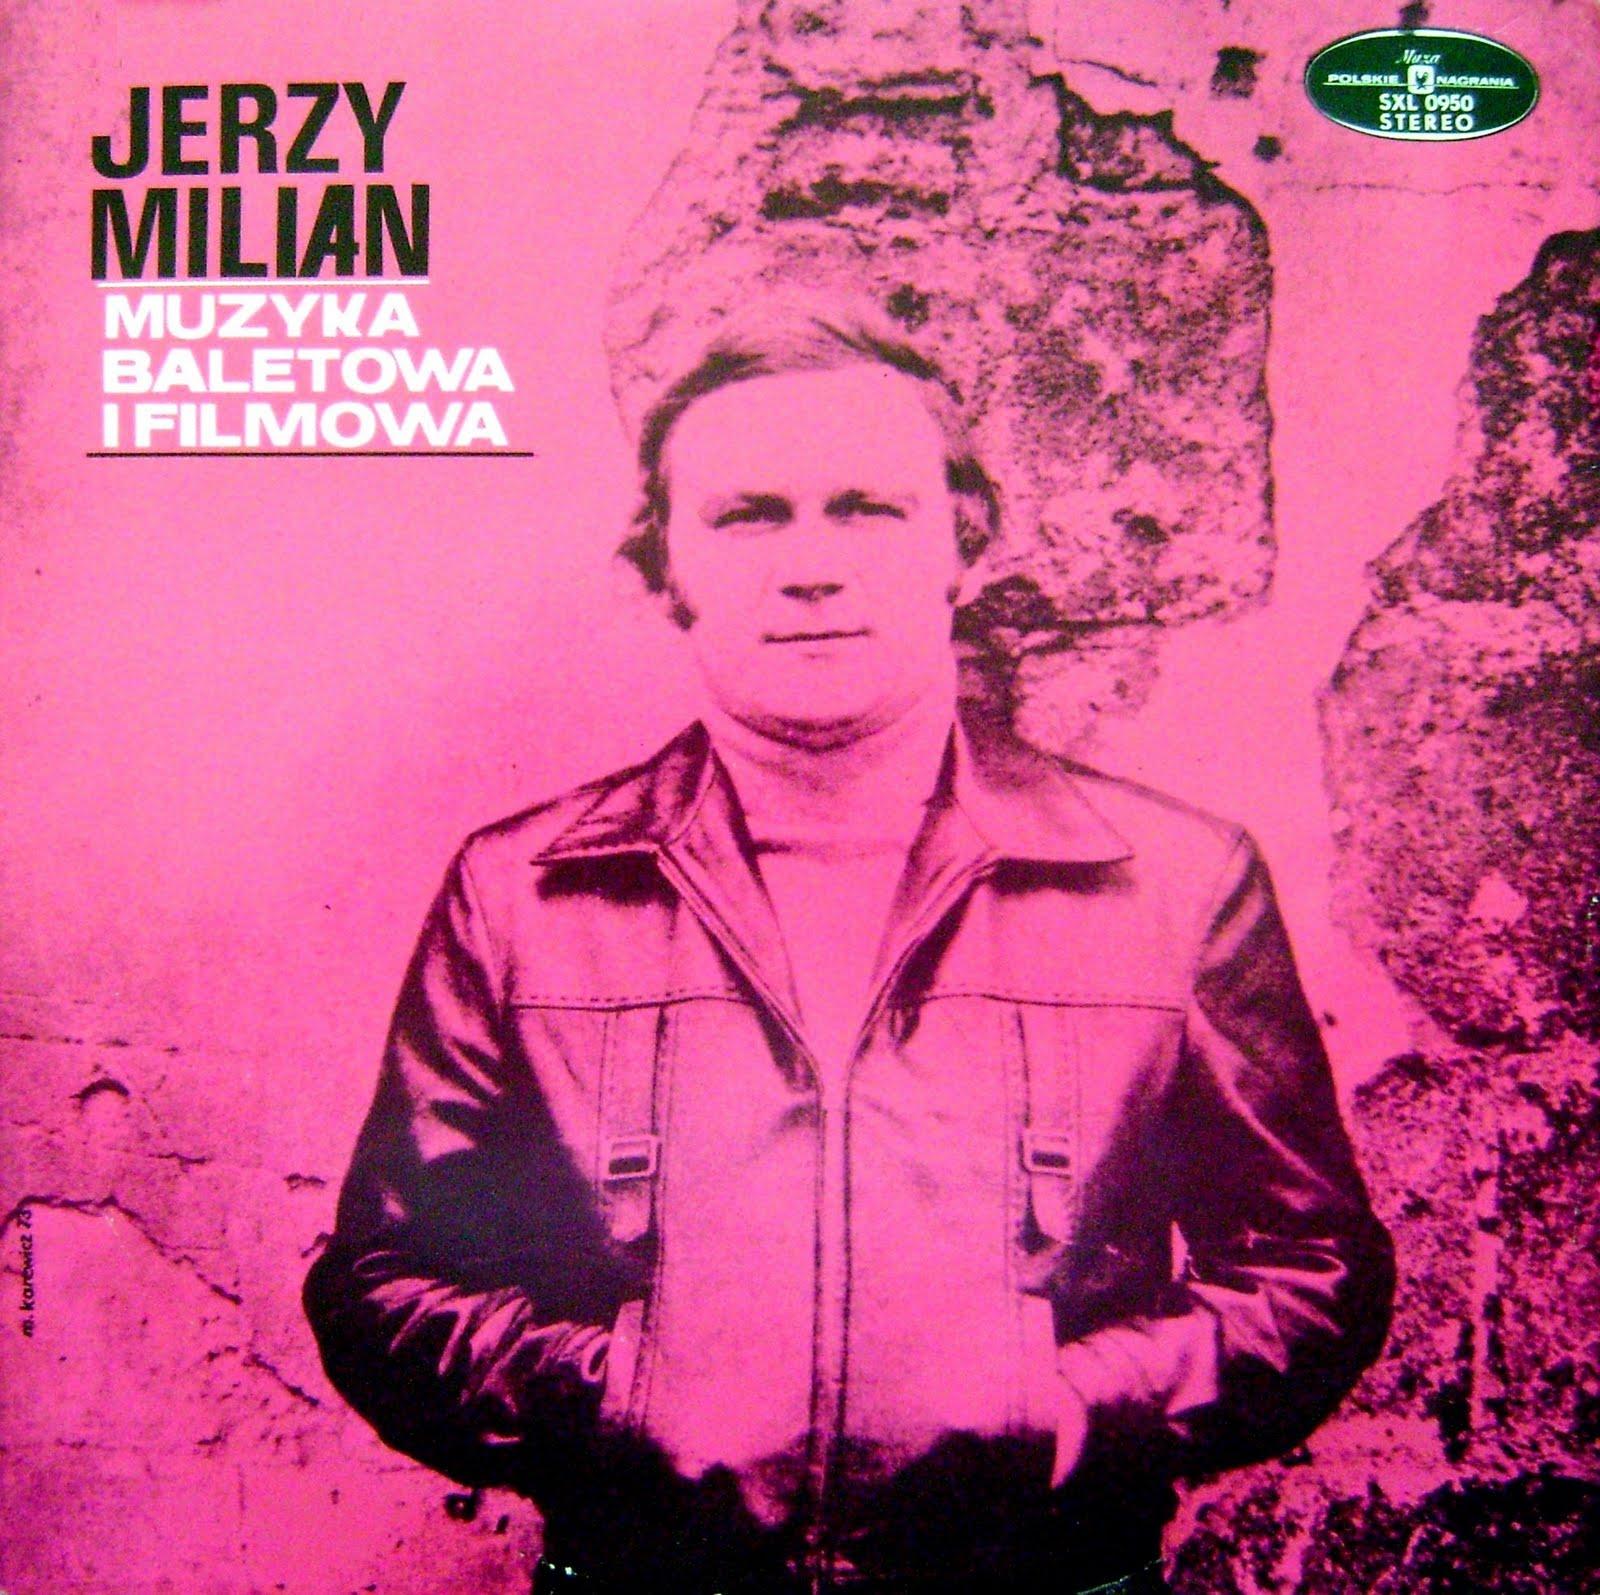 Milian, Jerzy Biography